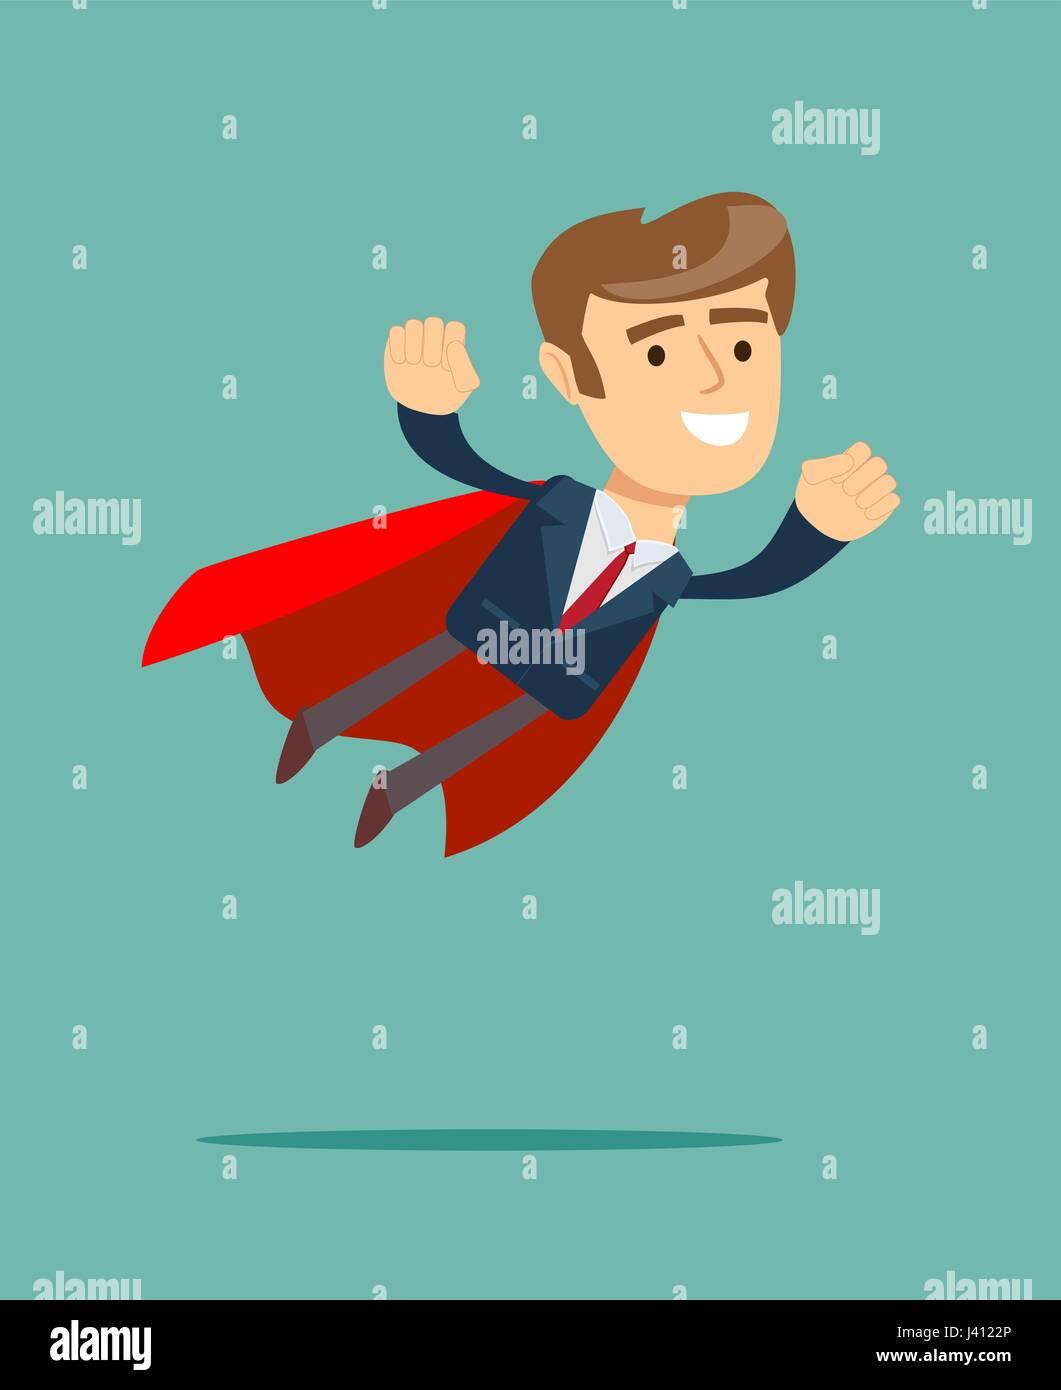 Geschäftsmann in Superhelden-Konzept mit rotem Einband Stockbild